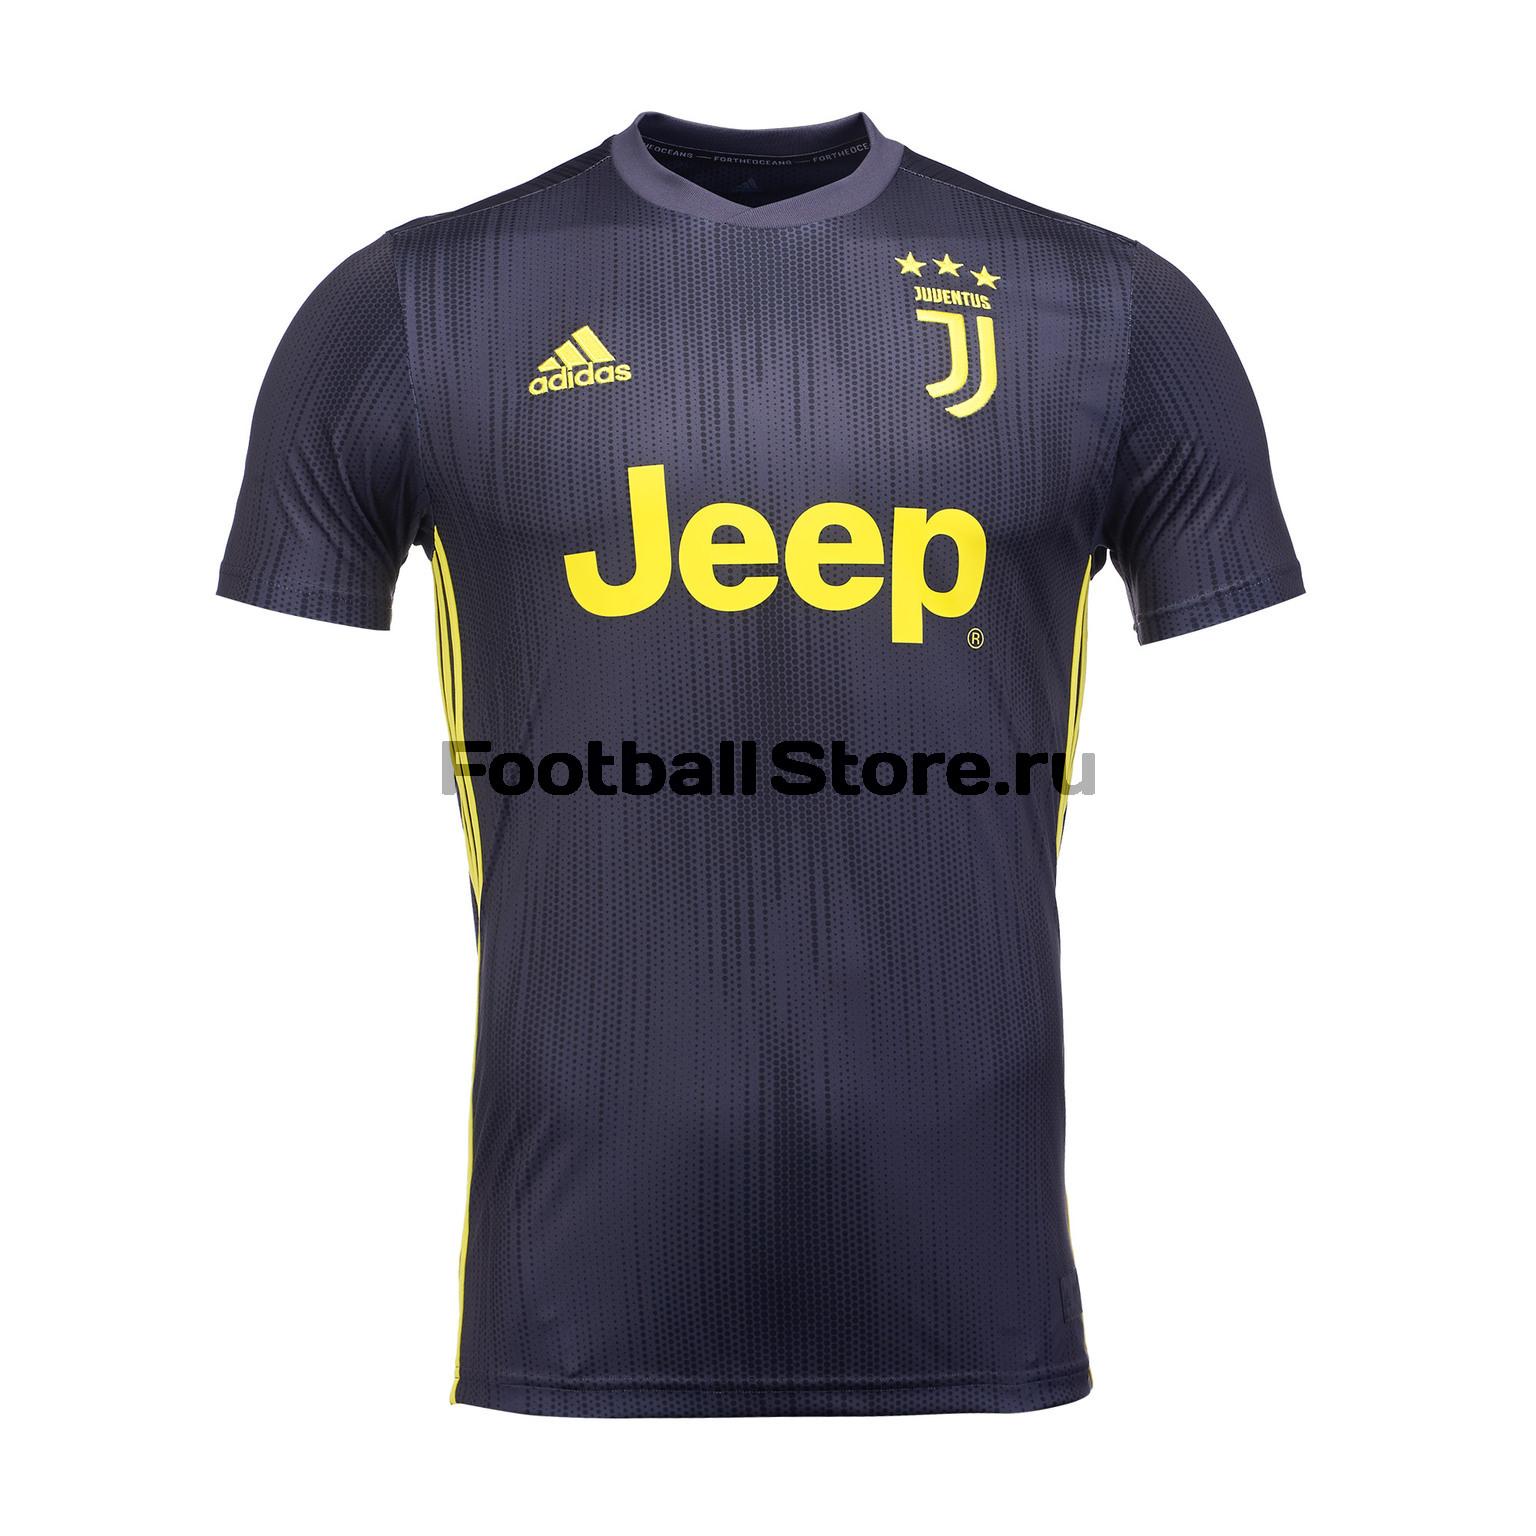 Футболка резервная игровая Adidas Juventus 2018/19 рюкзак adidas juventus 2018 19